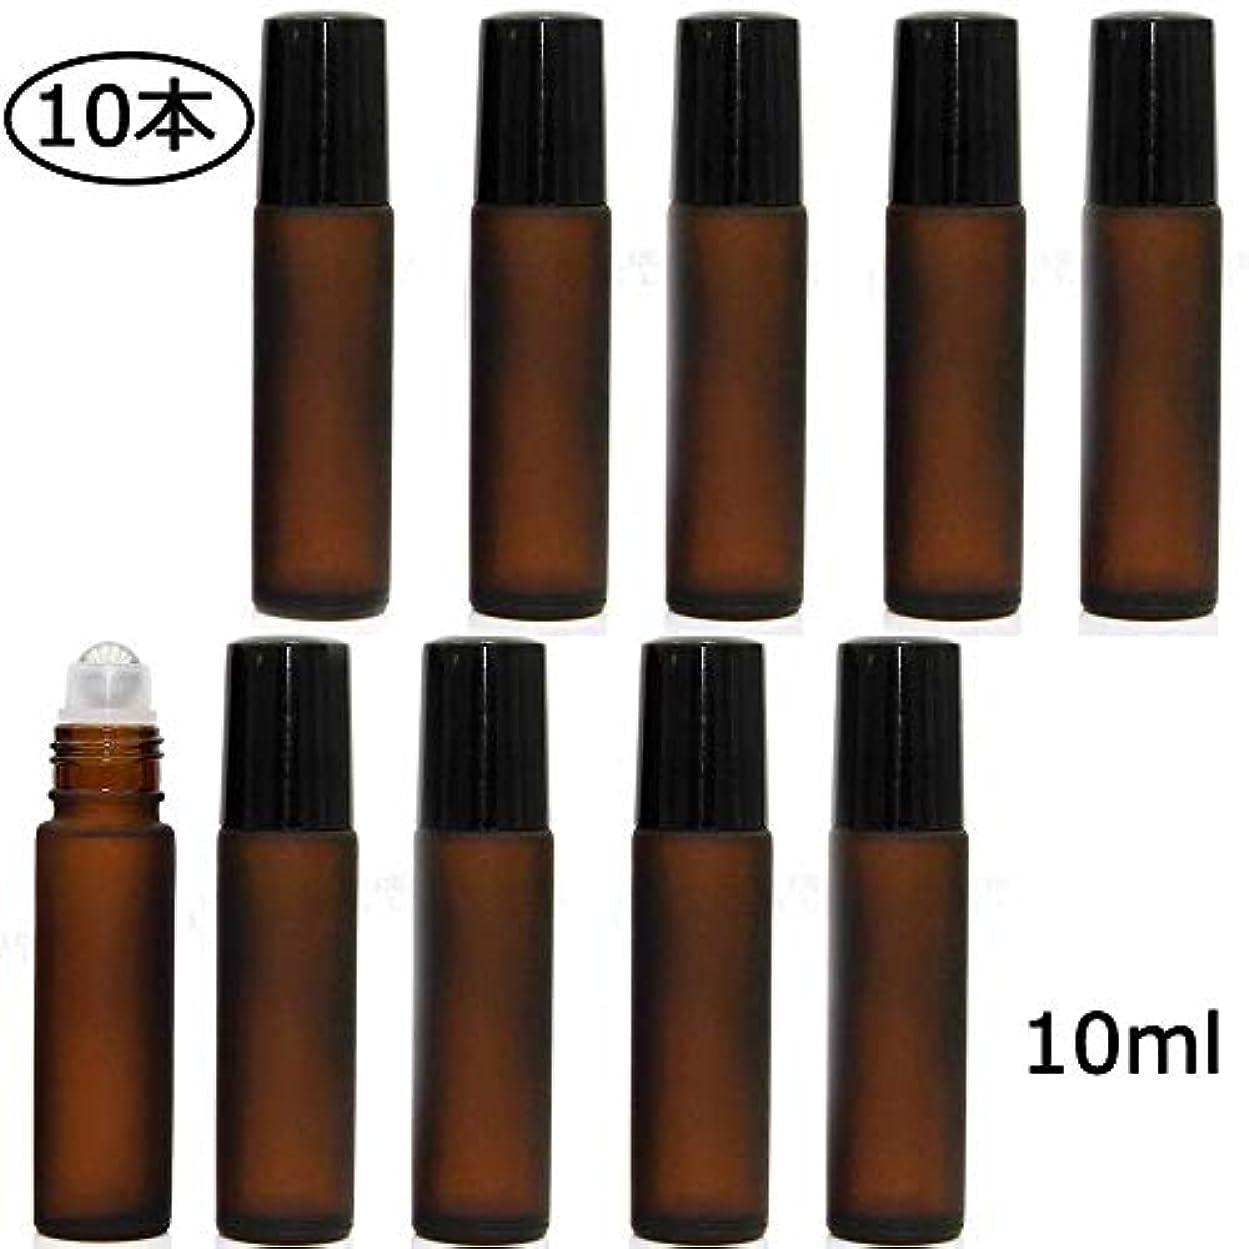 孤独シャイ不変gundoop ロールオンボトル アロマオイル 精油 小分け用 遮光瓶 10ml 10本セット ガラスロールタイプ (茶色)